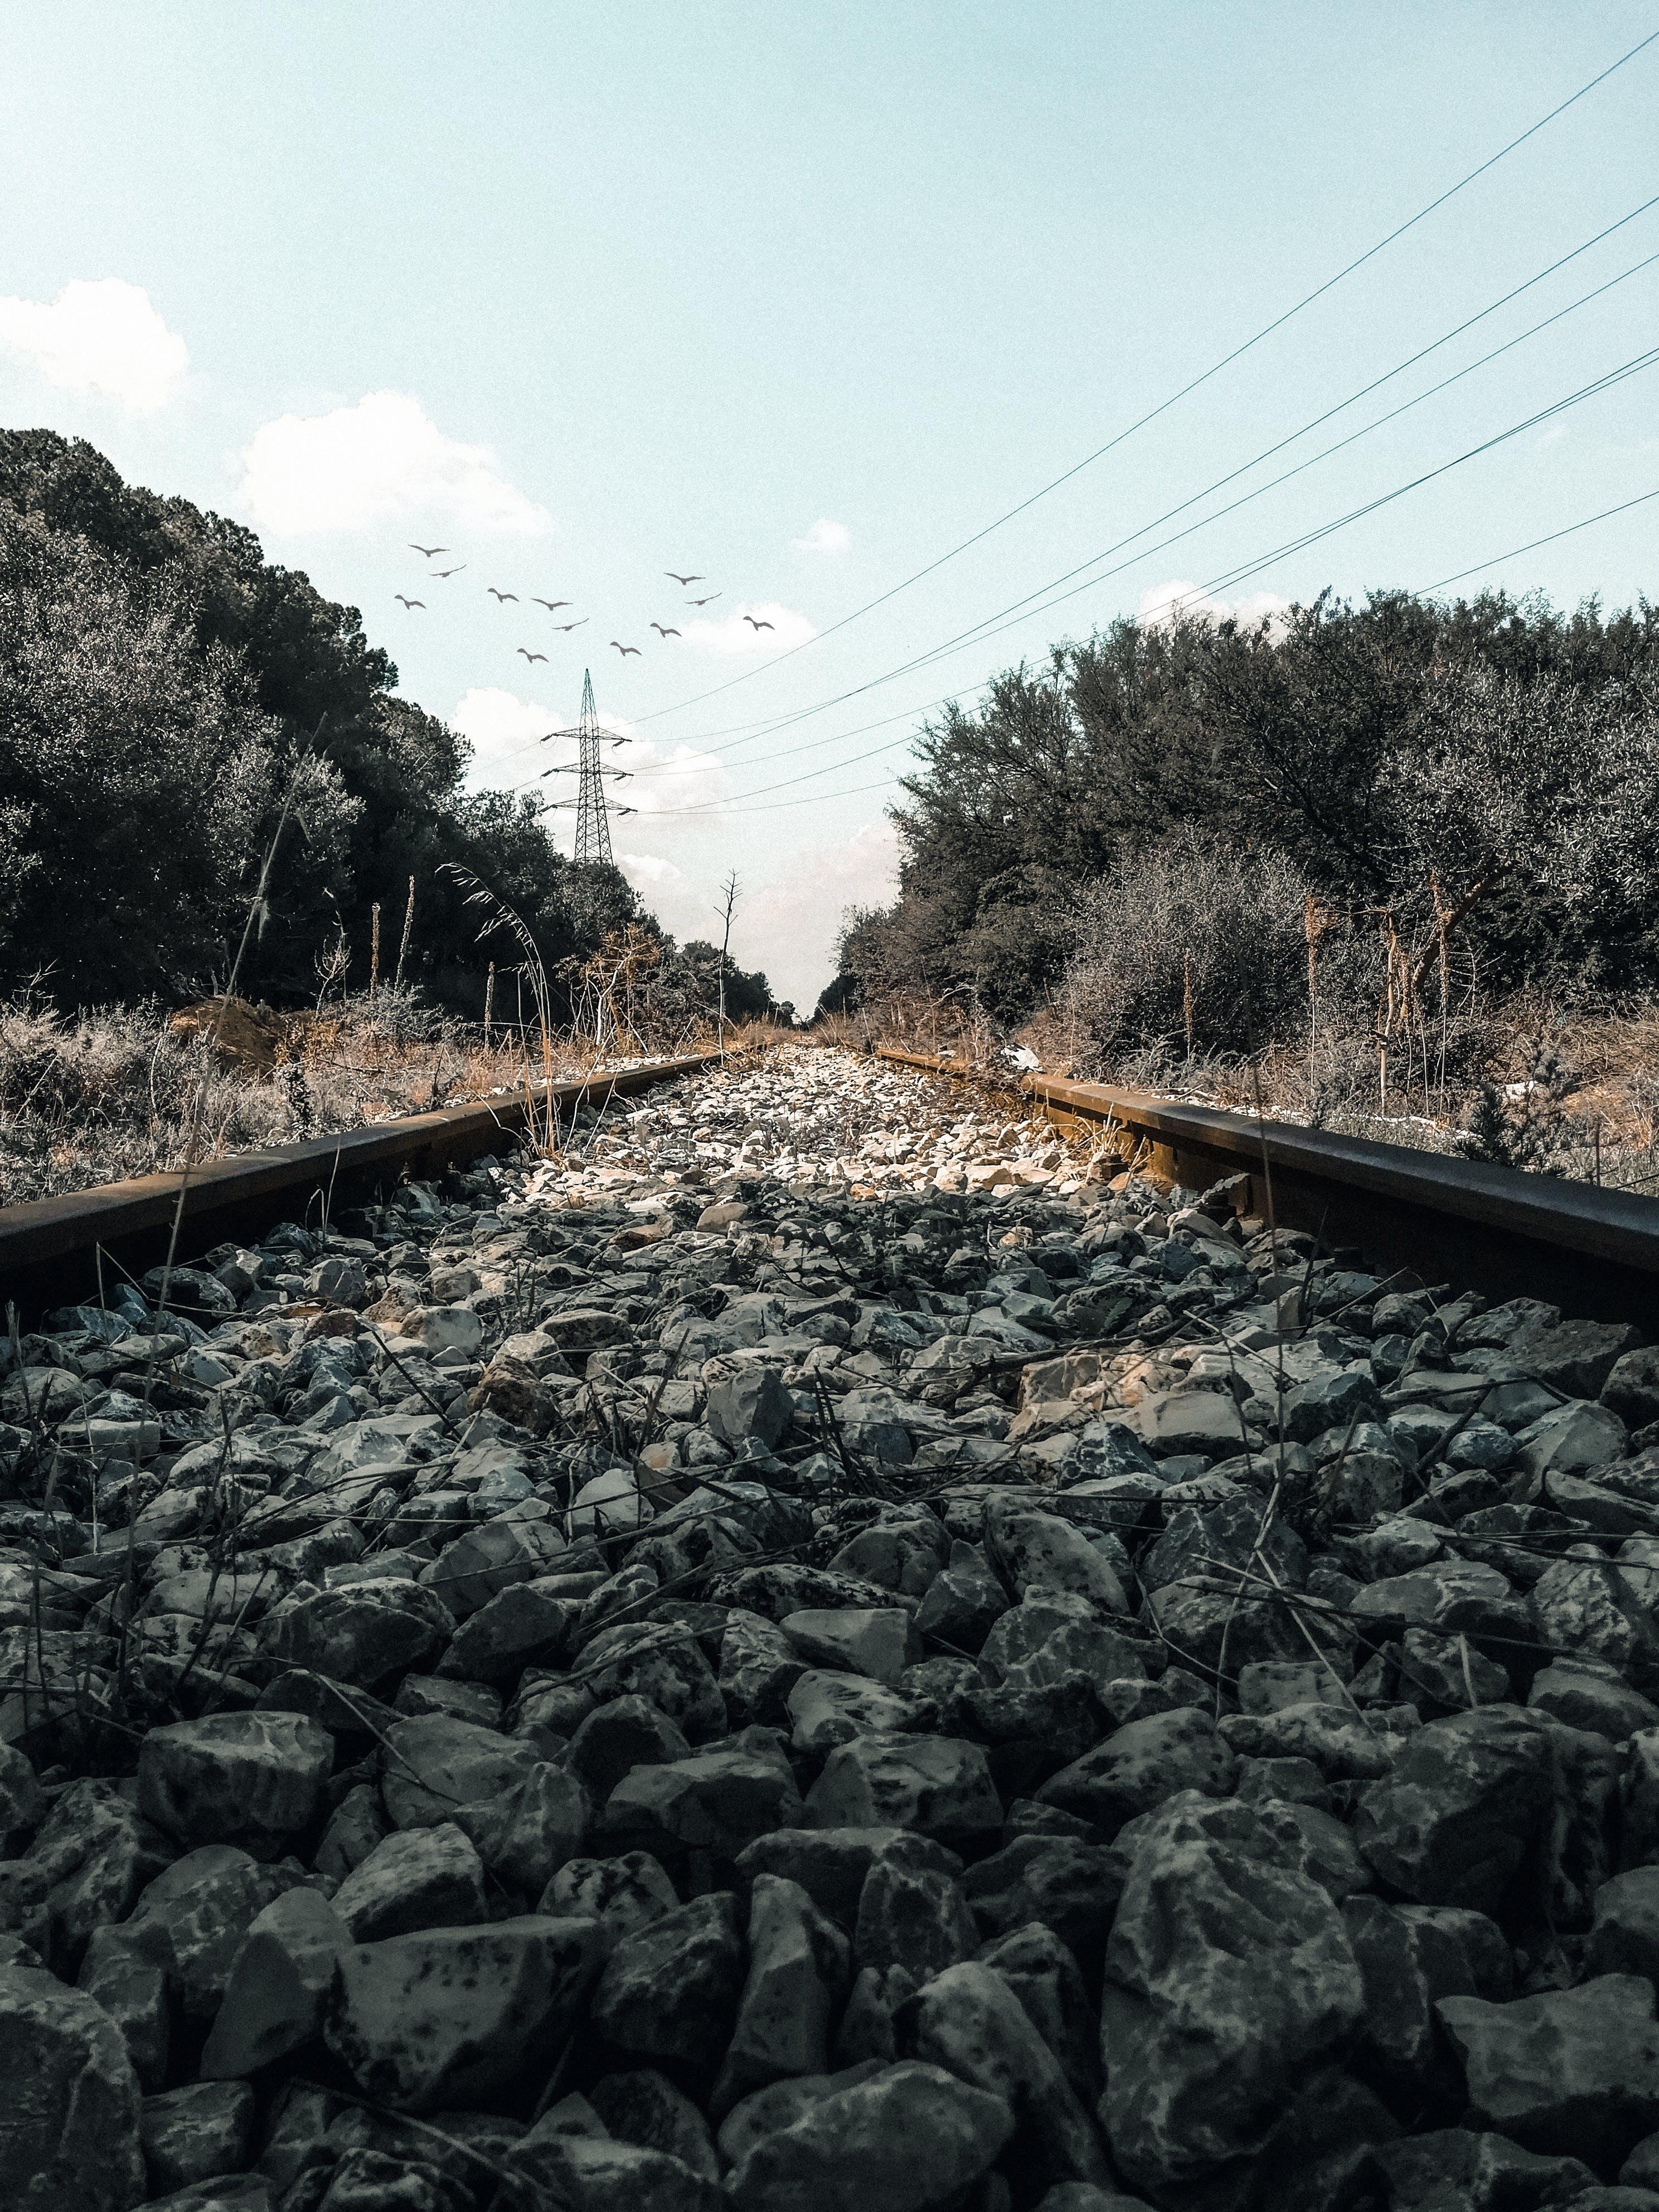 Kostenloses Stock Foto zu eisenbahn, eisenbahnlinie, holz, wald